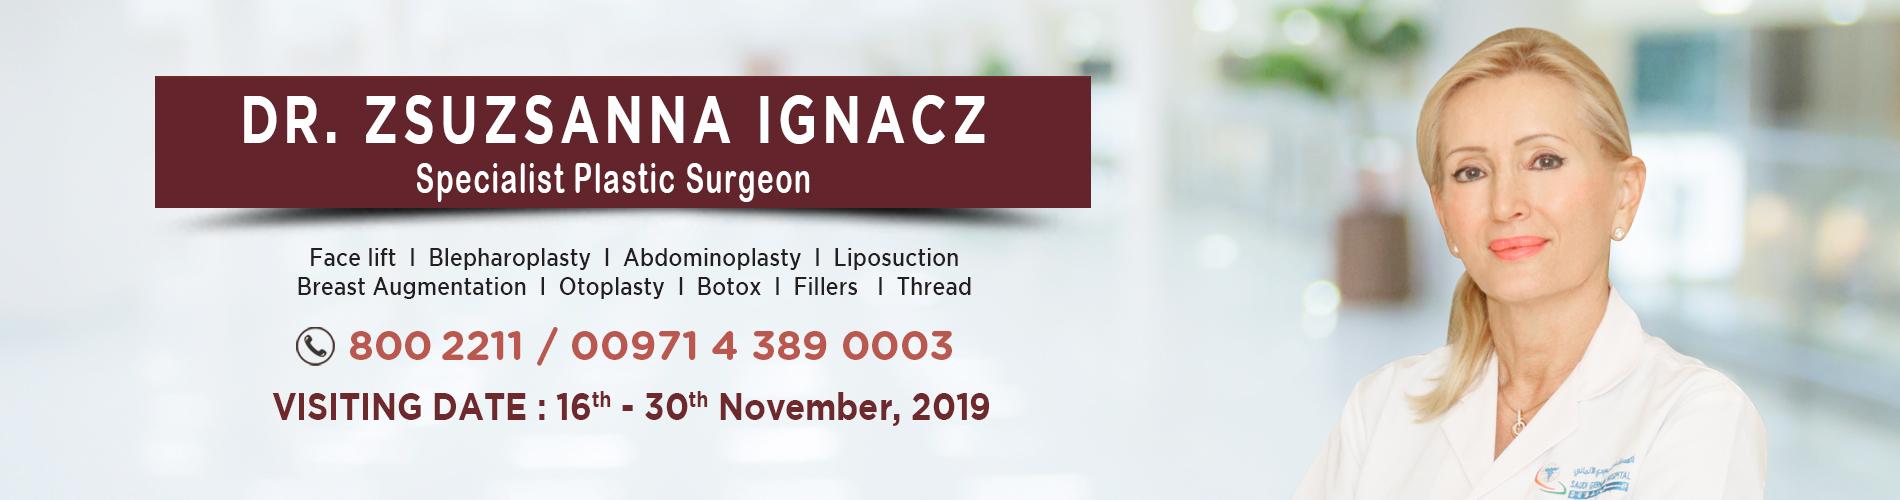 DR. ZSUZSANNA IGNACZ_English